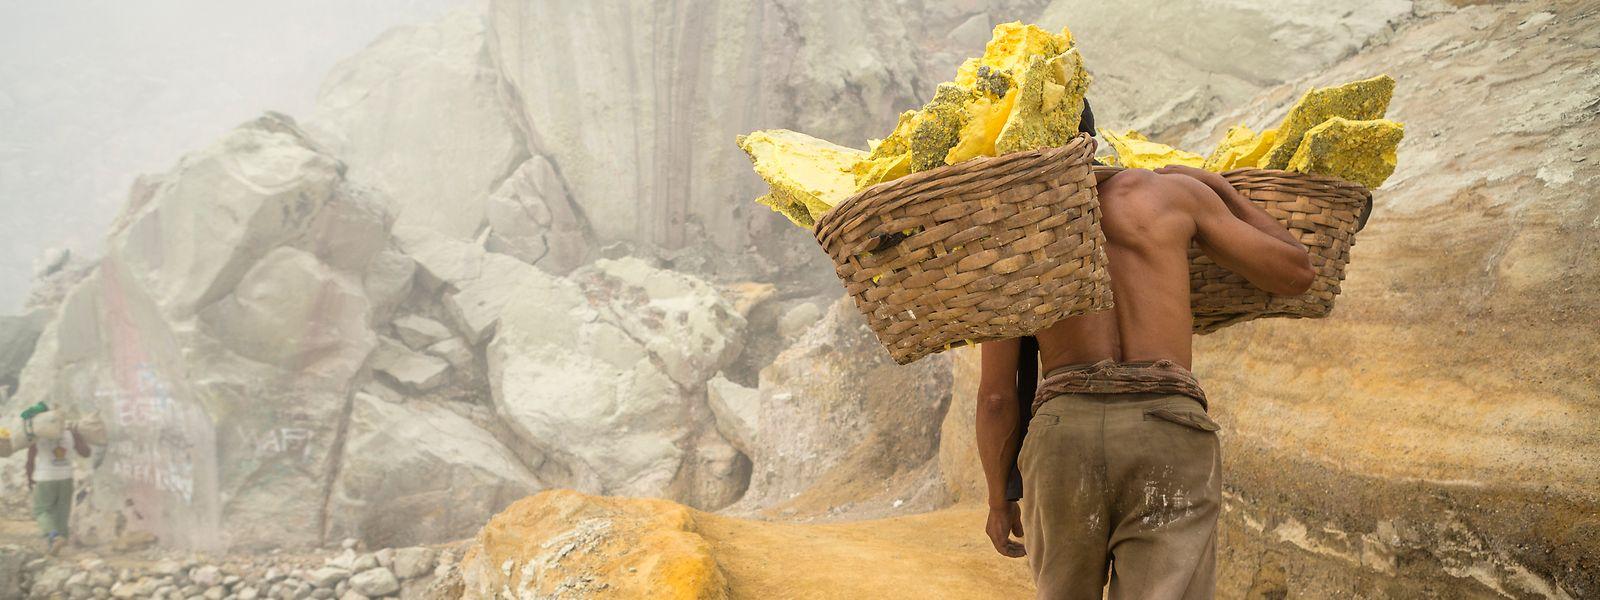 L'ONU dénonce régulièrement les conditions de travail inhumaines dans les mines de soufre.